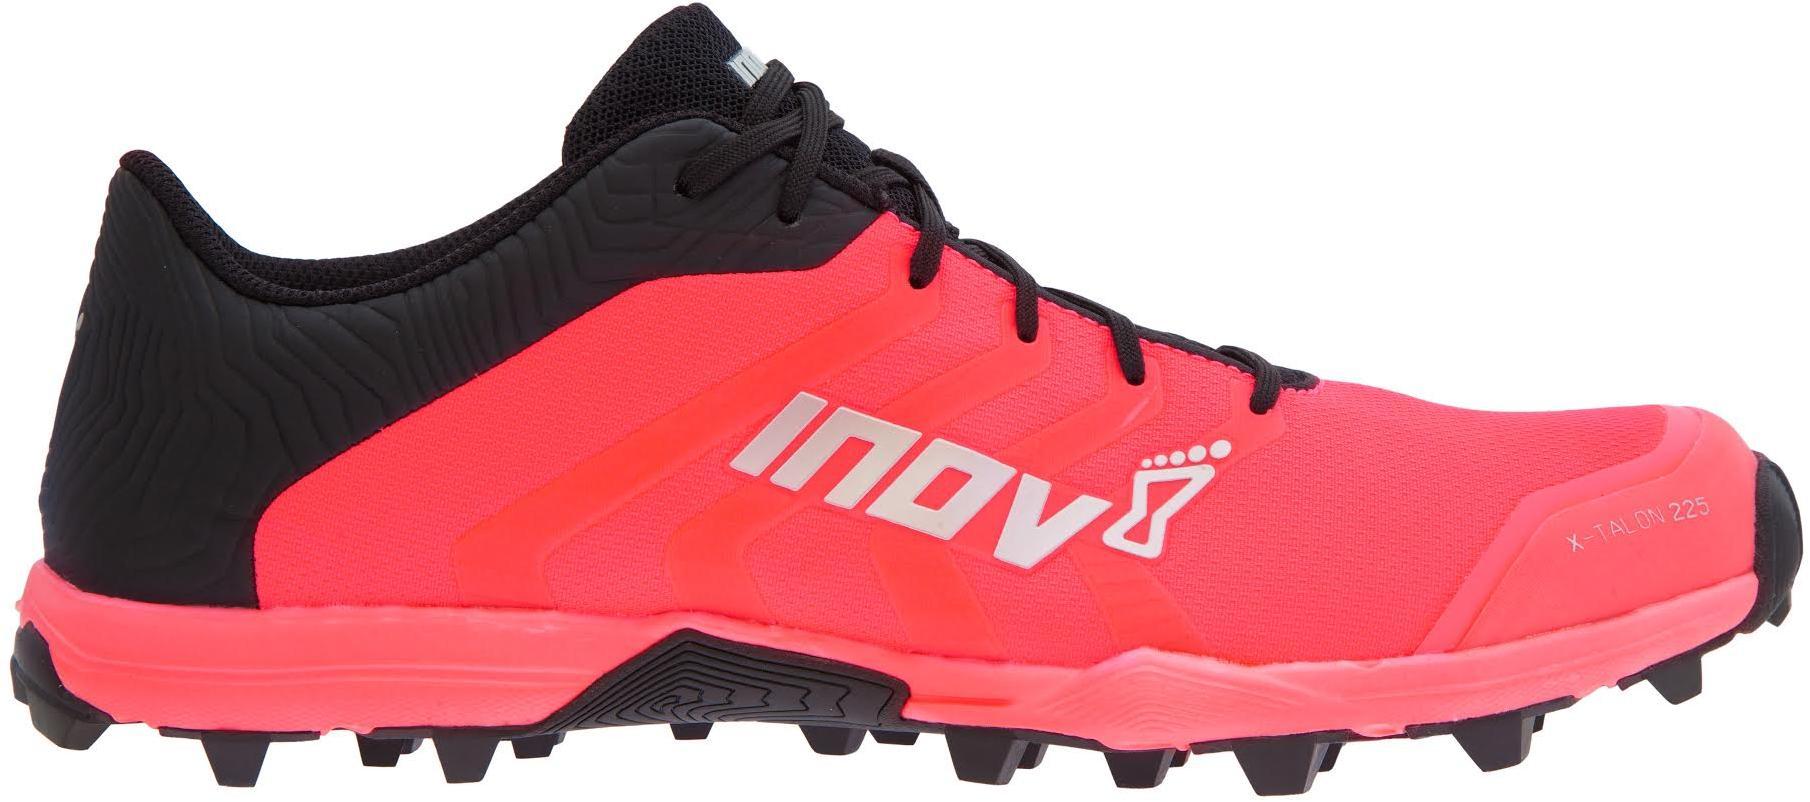 Boty Inov-8 X-TALON 225 (P) neon pink black - dámské 37b2a5e46c